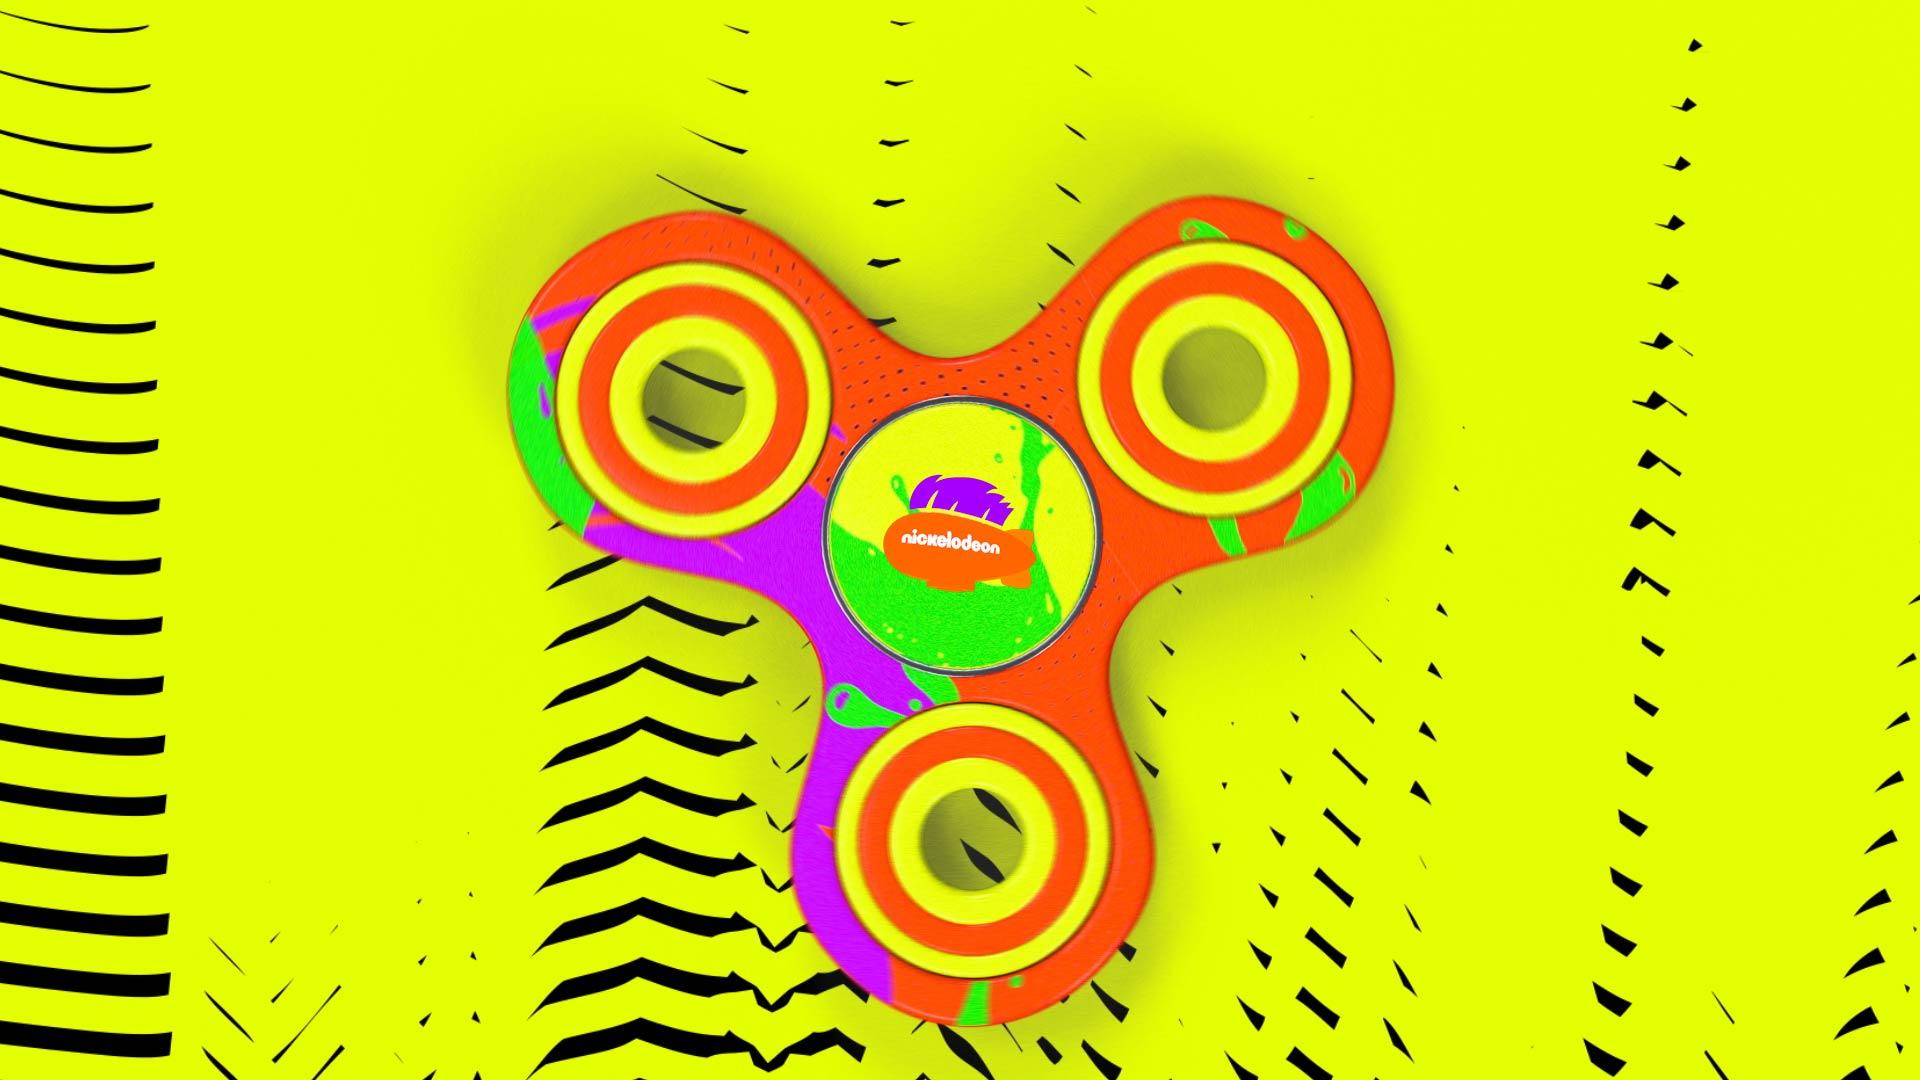 Nickelodeon_KCS_Touch_This_PreRenders (0-00-55-04).jpg